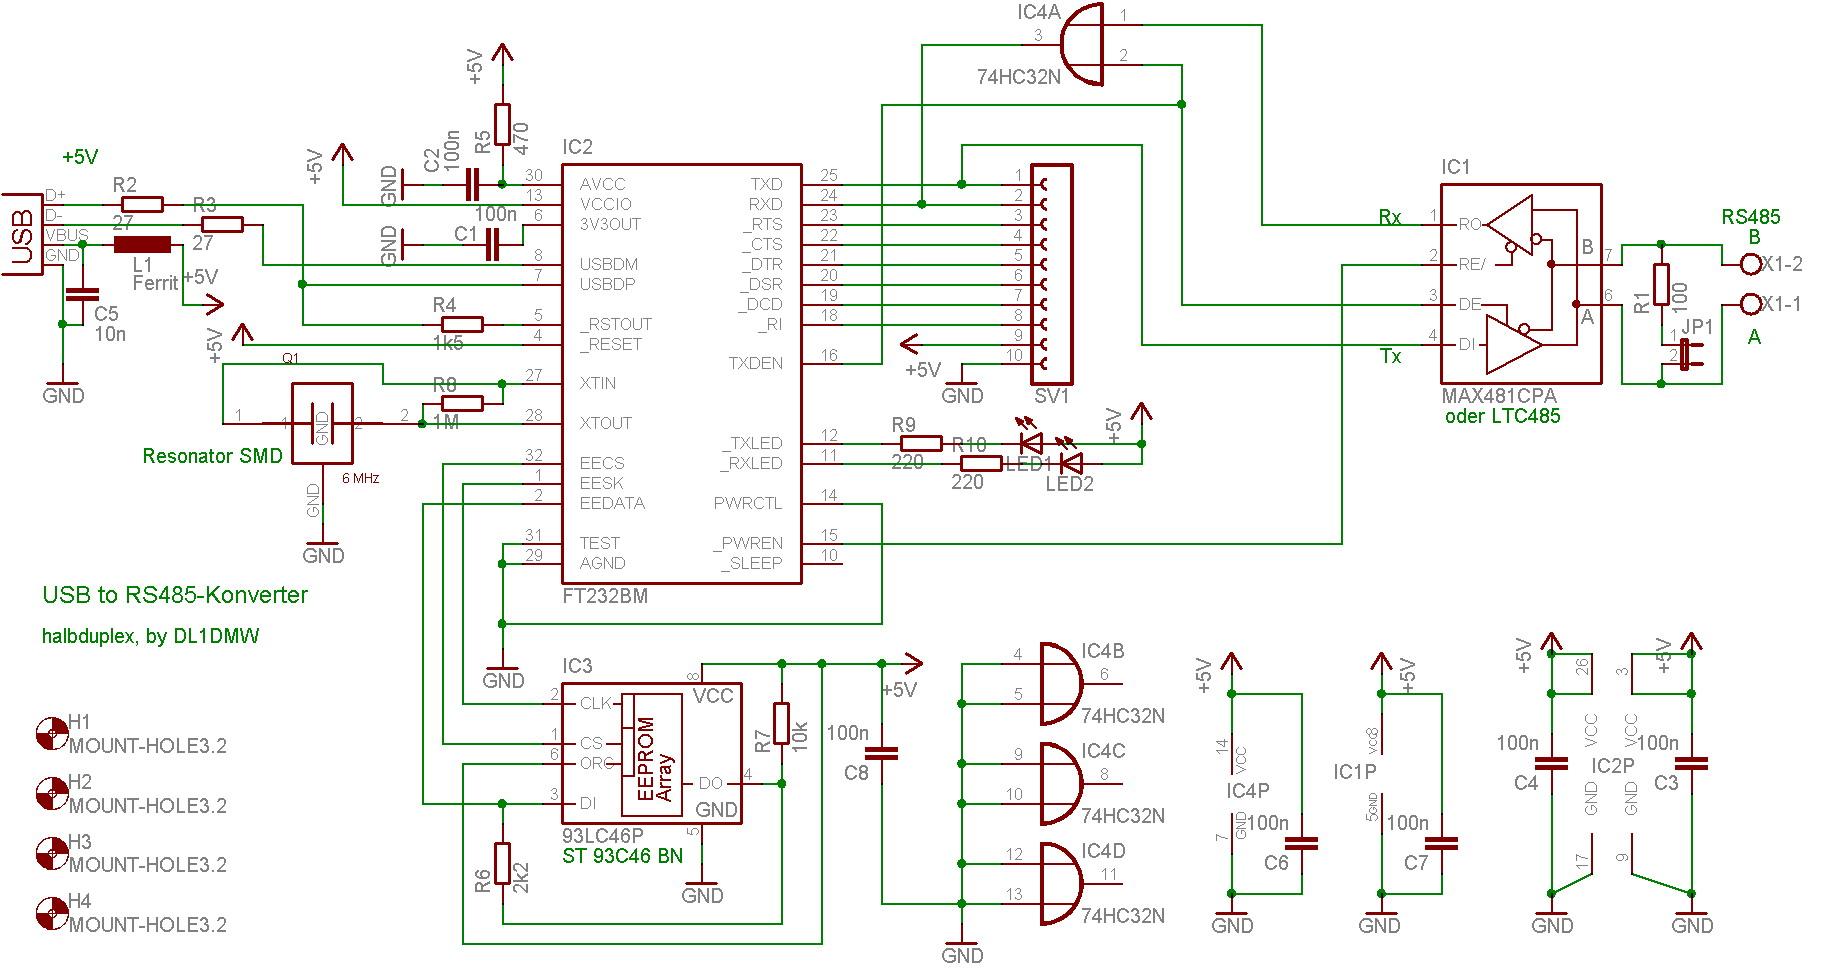 duplex schematic wiring diagram duplex electrical schematic wiring diagram #5